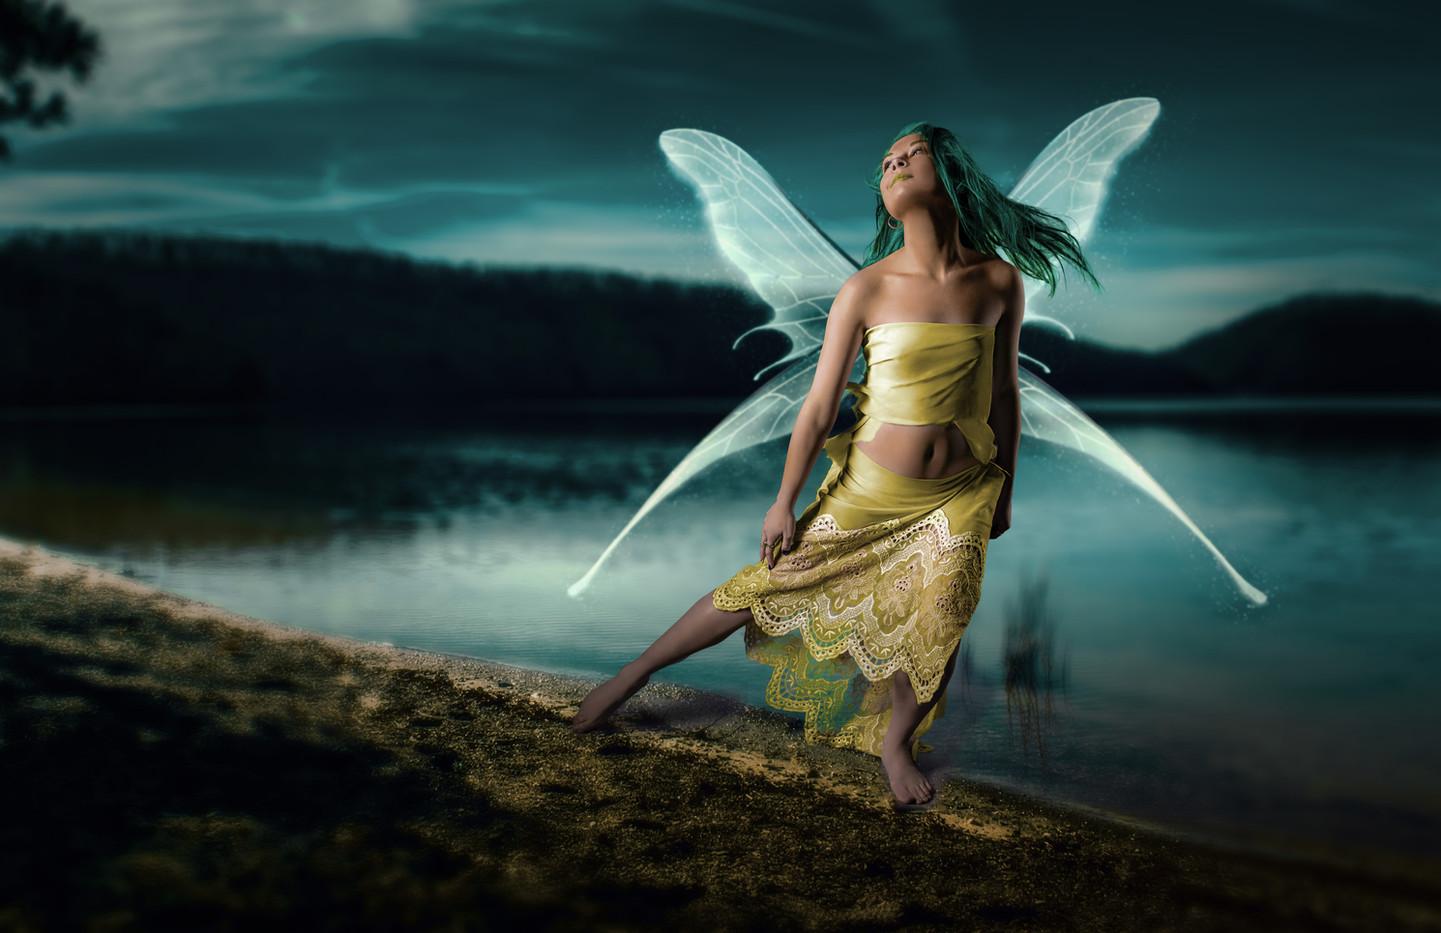 Fairy_4757.jpg